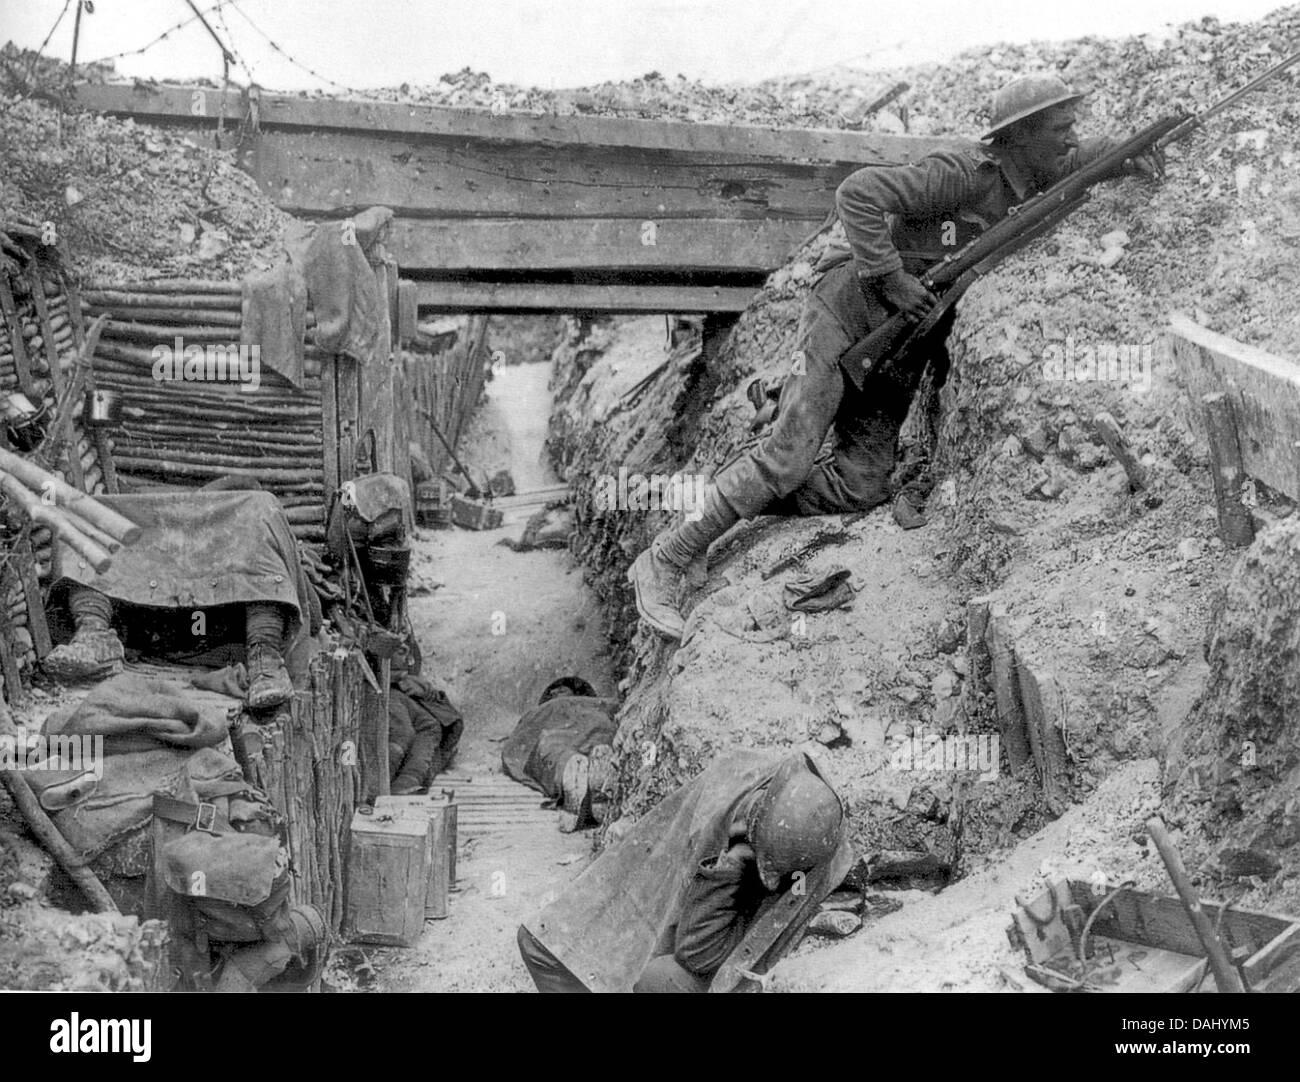 CHESHIRE del reggimento di soldati provenienti da una società,xi battaglione, a Ovilliers-la-Boiselle, durante Immagini Stock